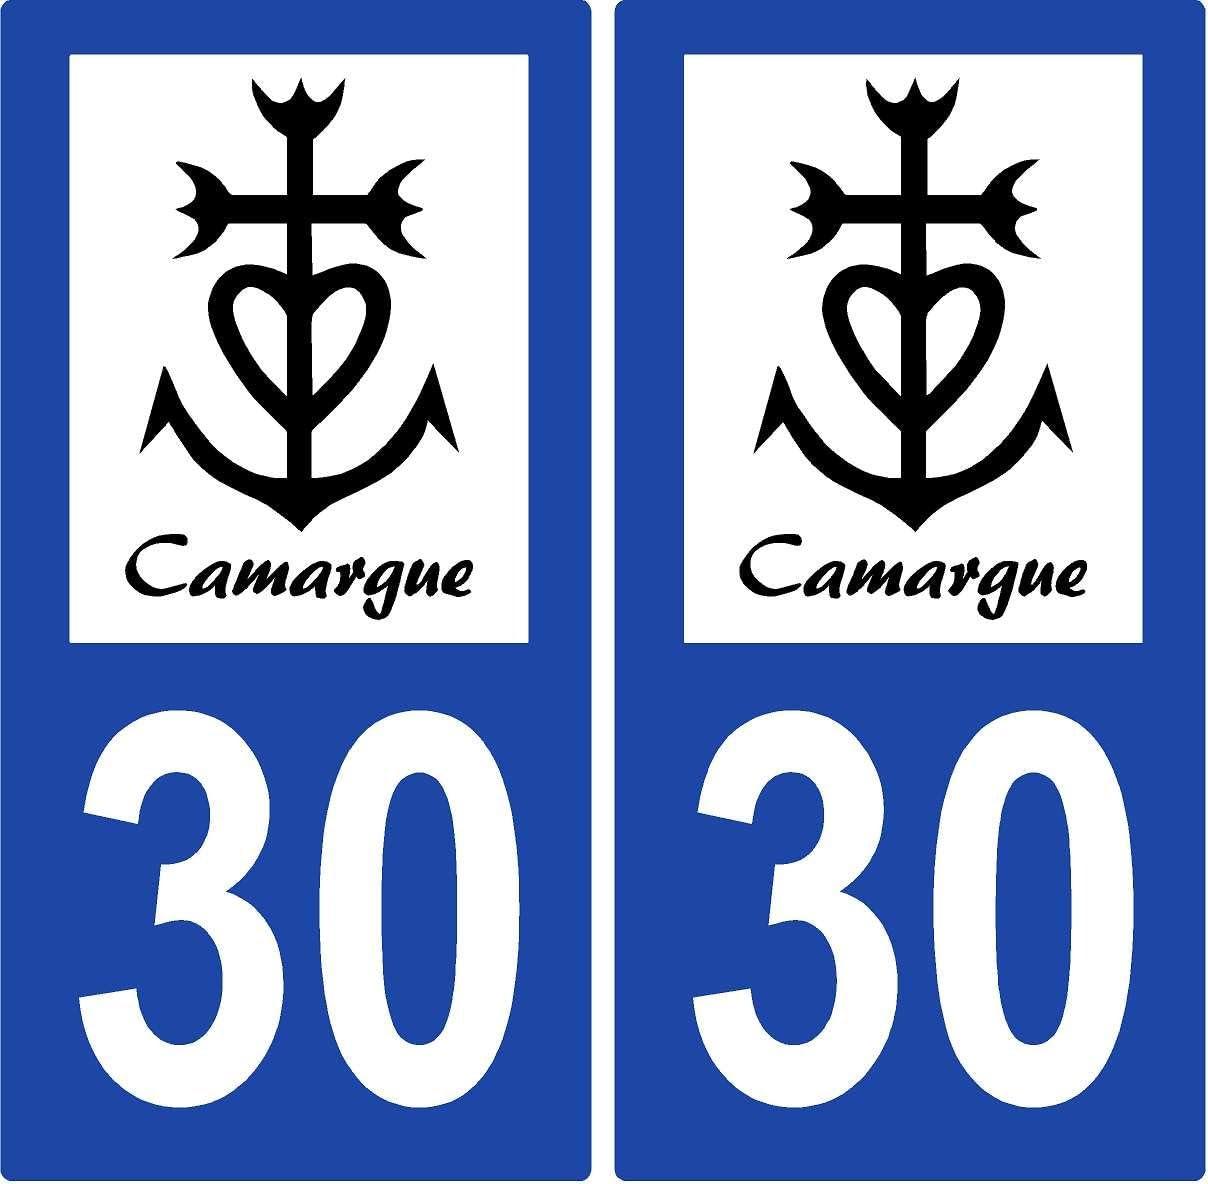 2 Pegatinas de placa de matrícula Auto 30 Cruz Camarguaise: Amazon.es: Oficina y papelería